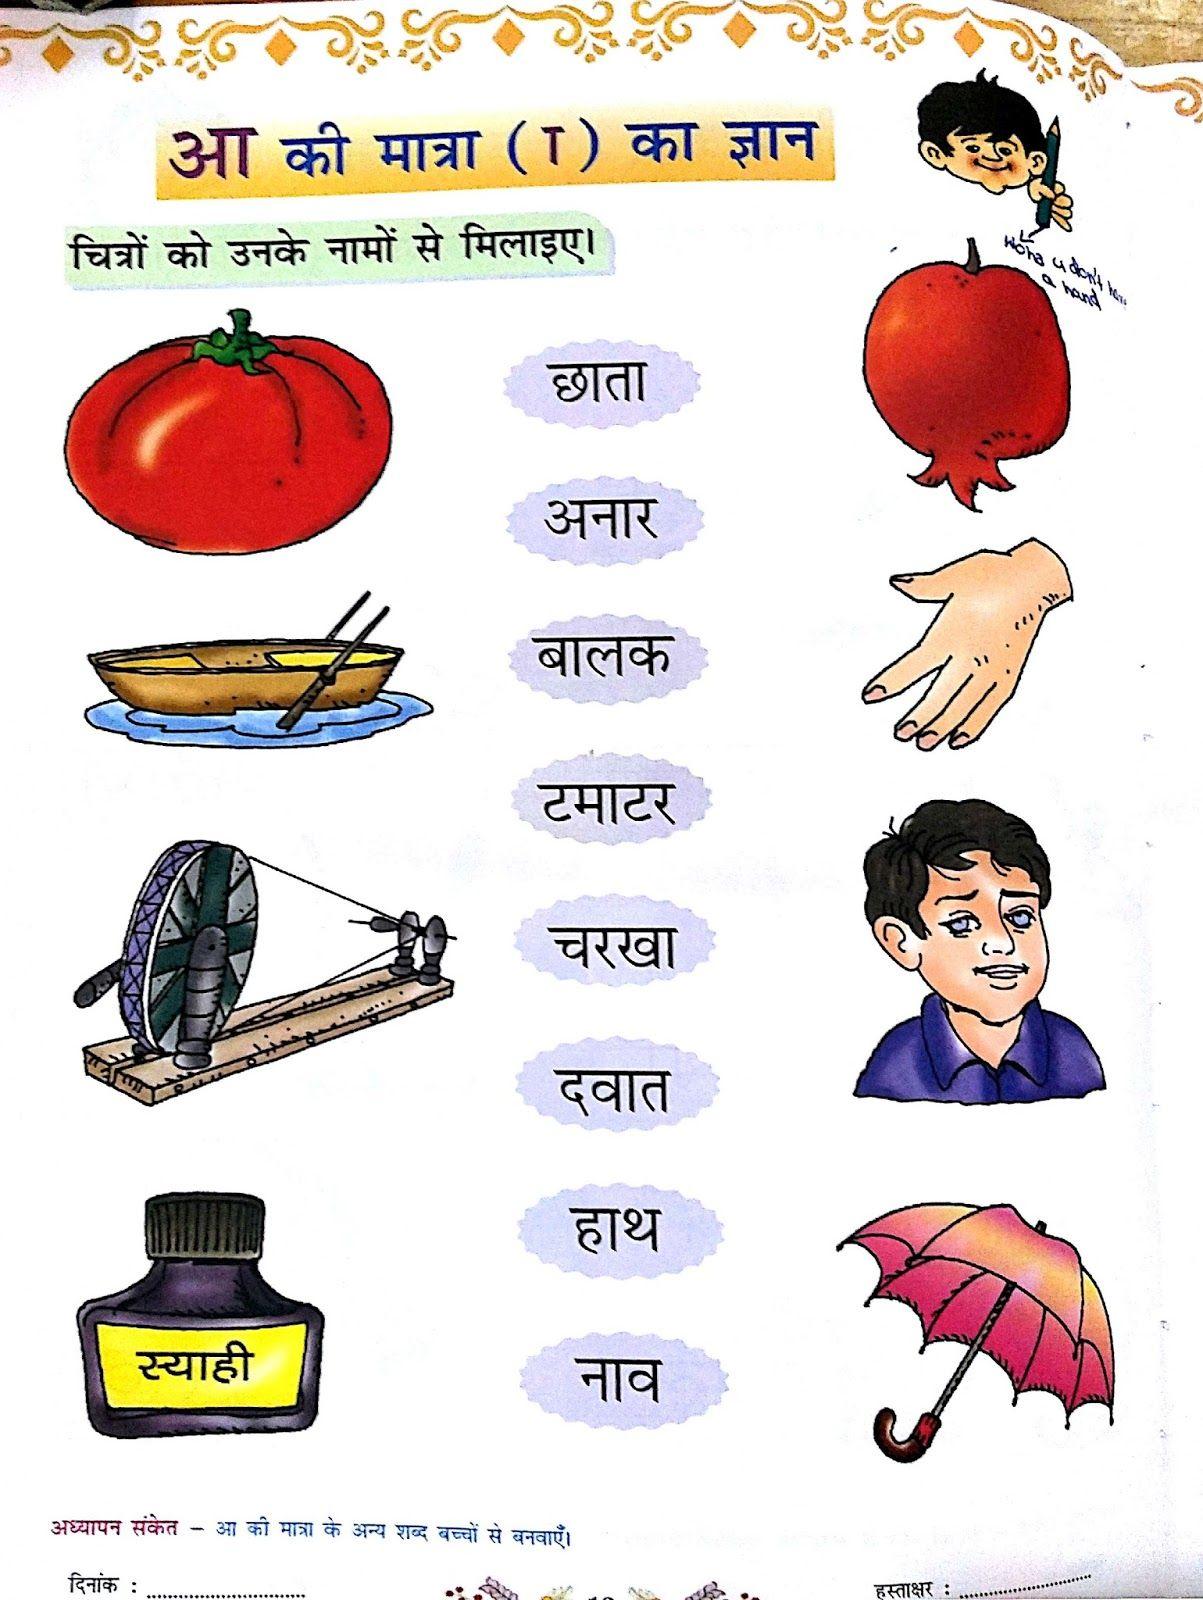 Hindi Worksheets Hindi Language Learning Easy Math Activities [ 1600 x 1203 Pixel ]